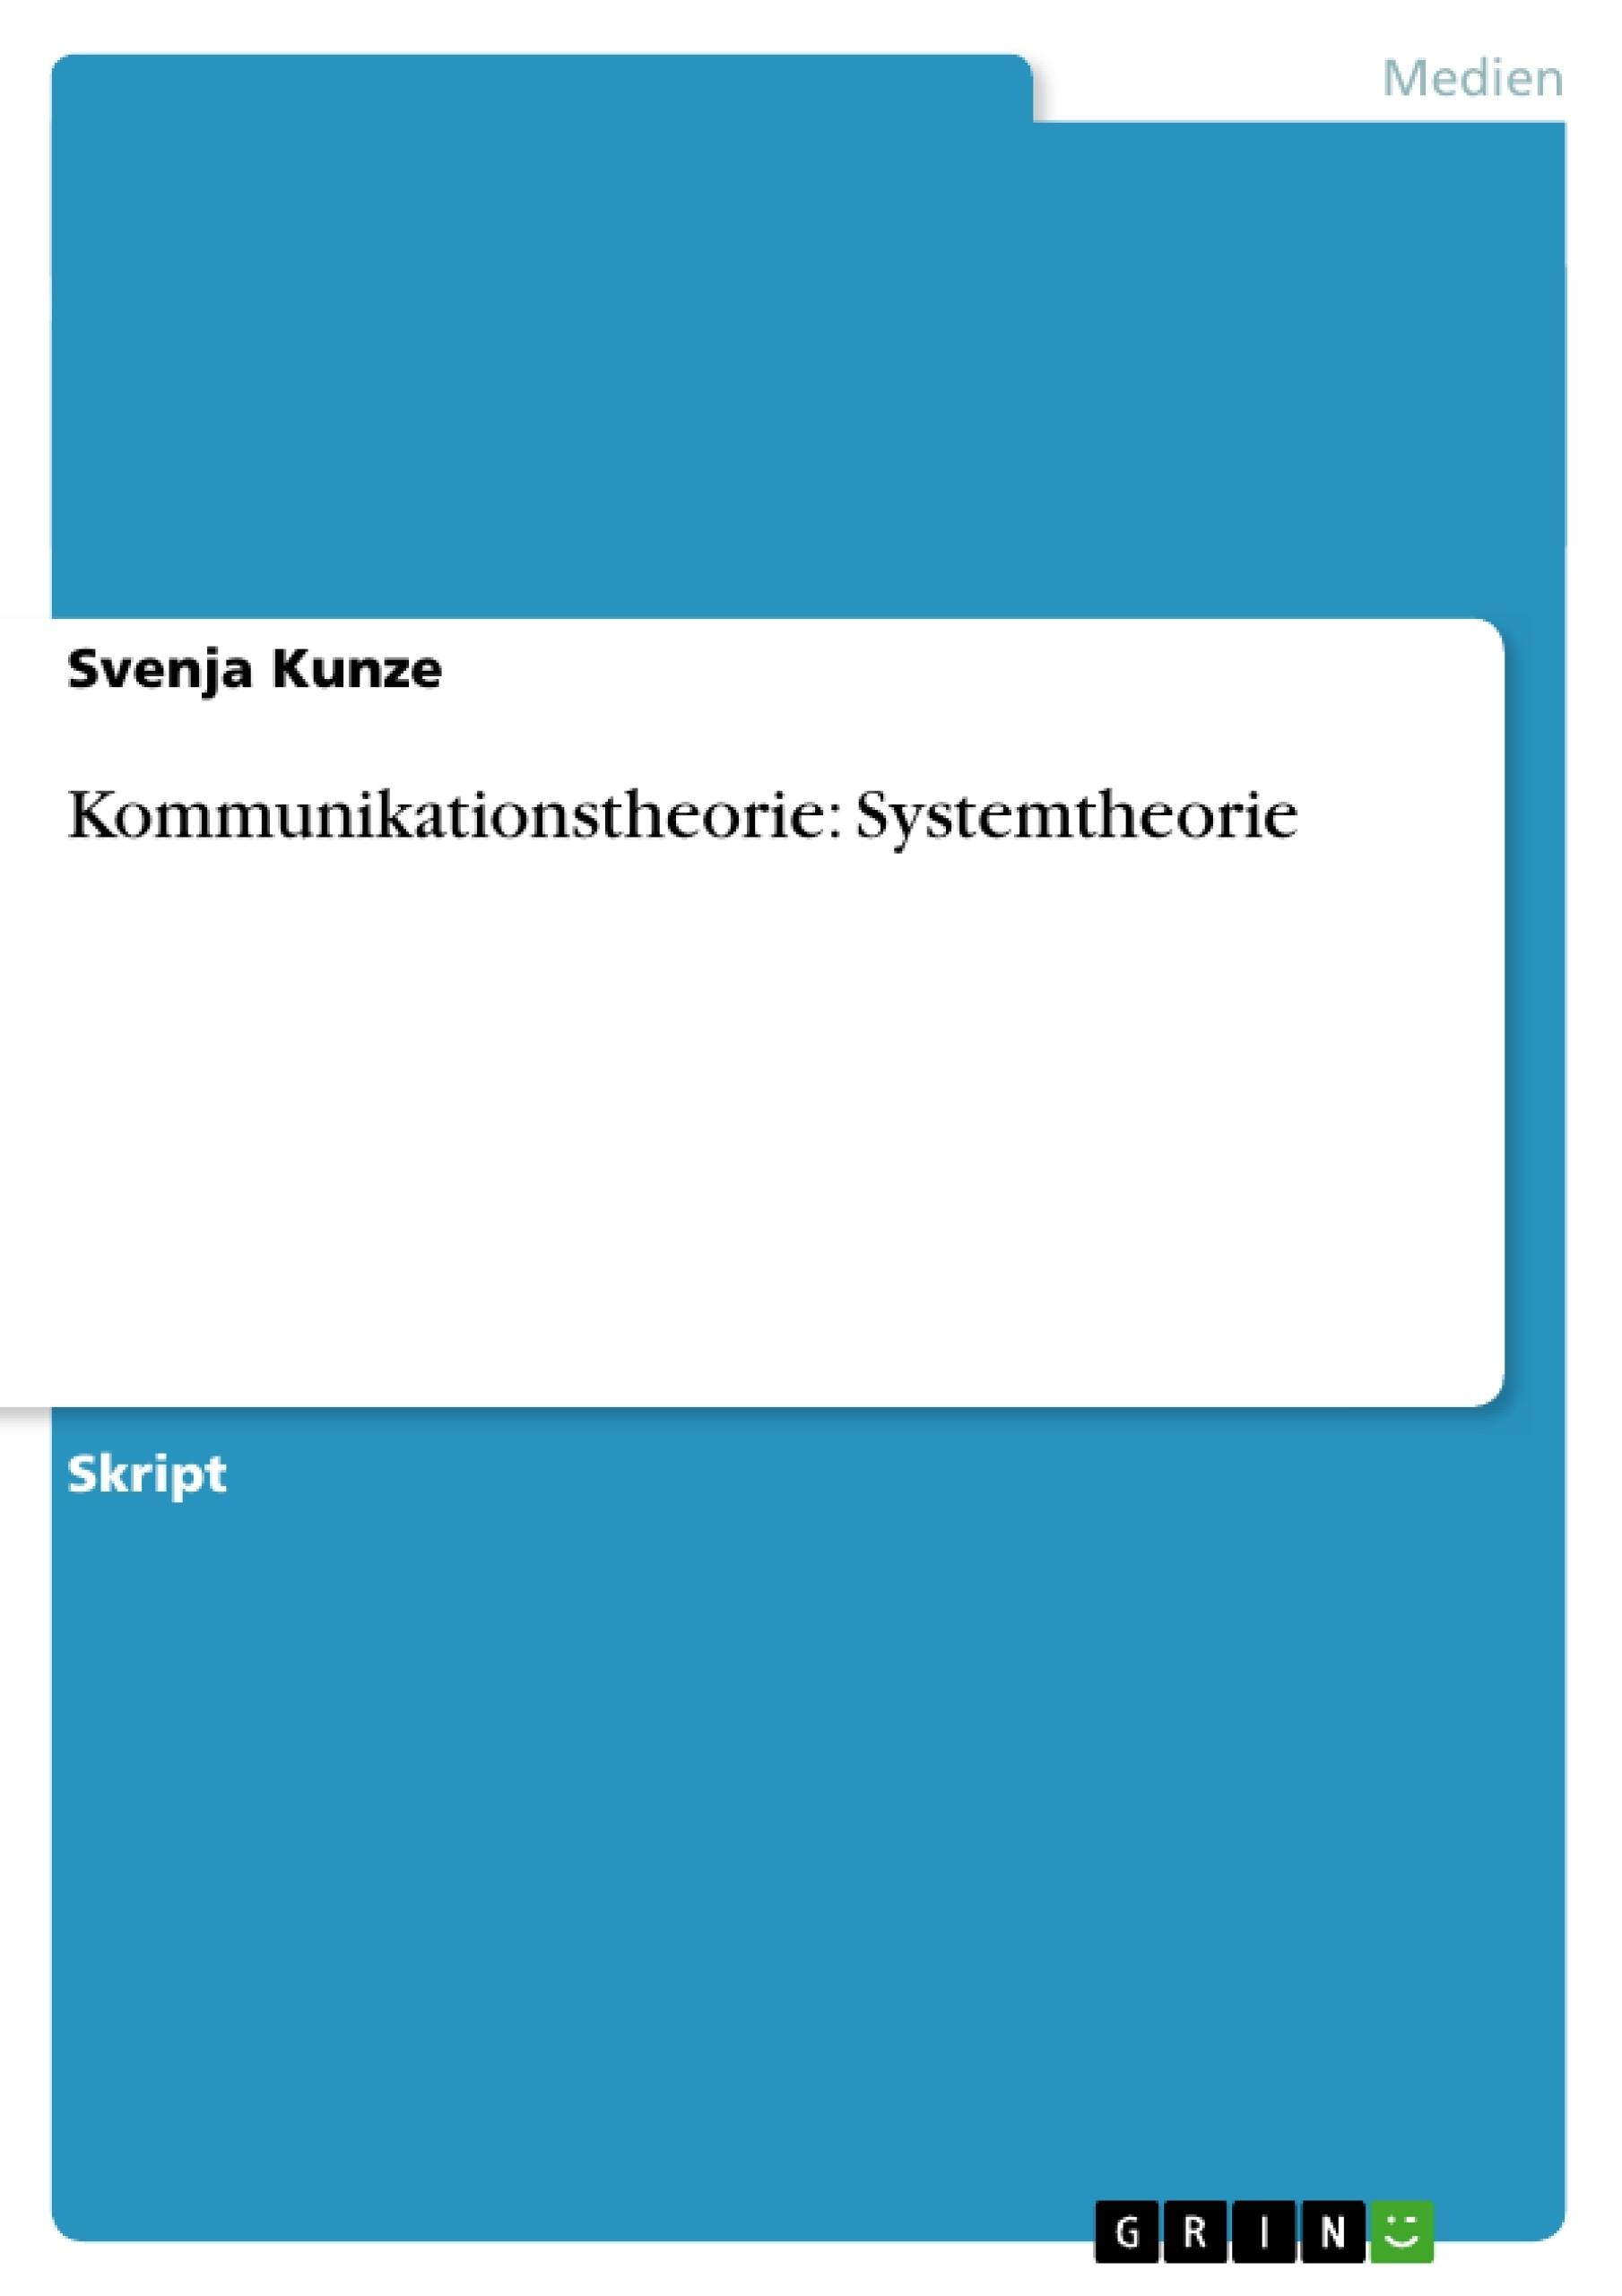 Titel: Kommunikationstheorie: Systemtheorie